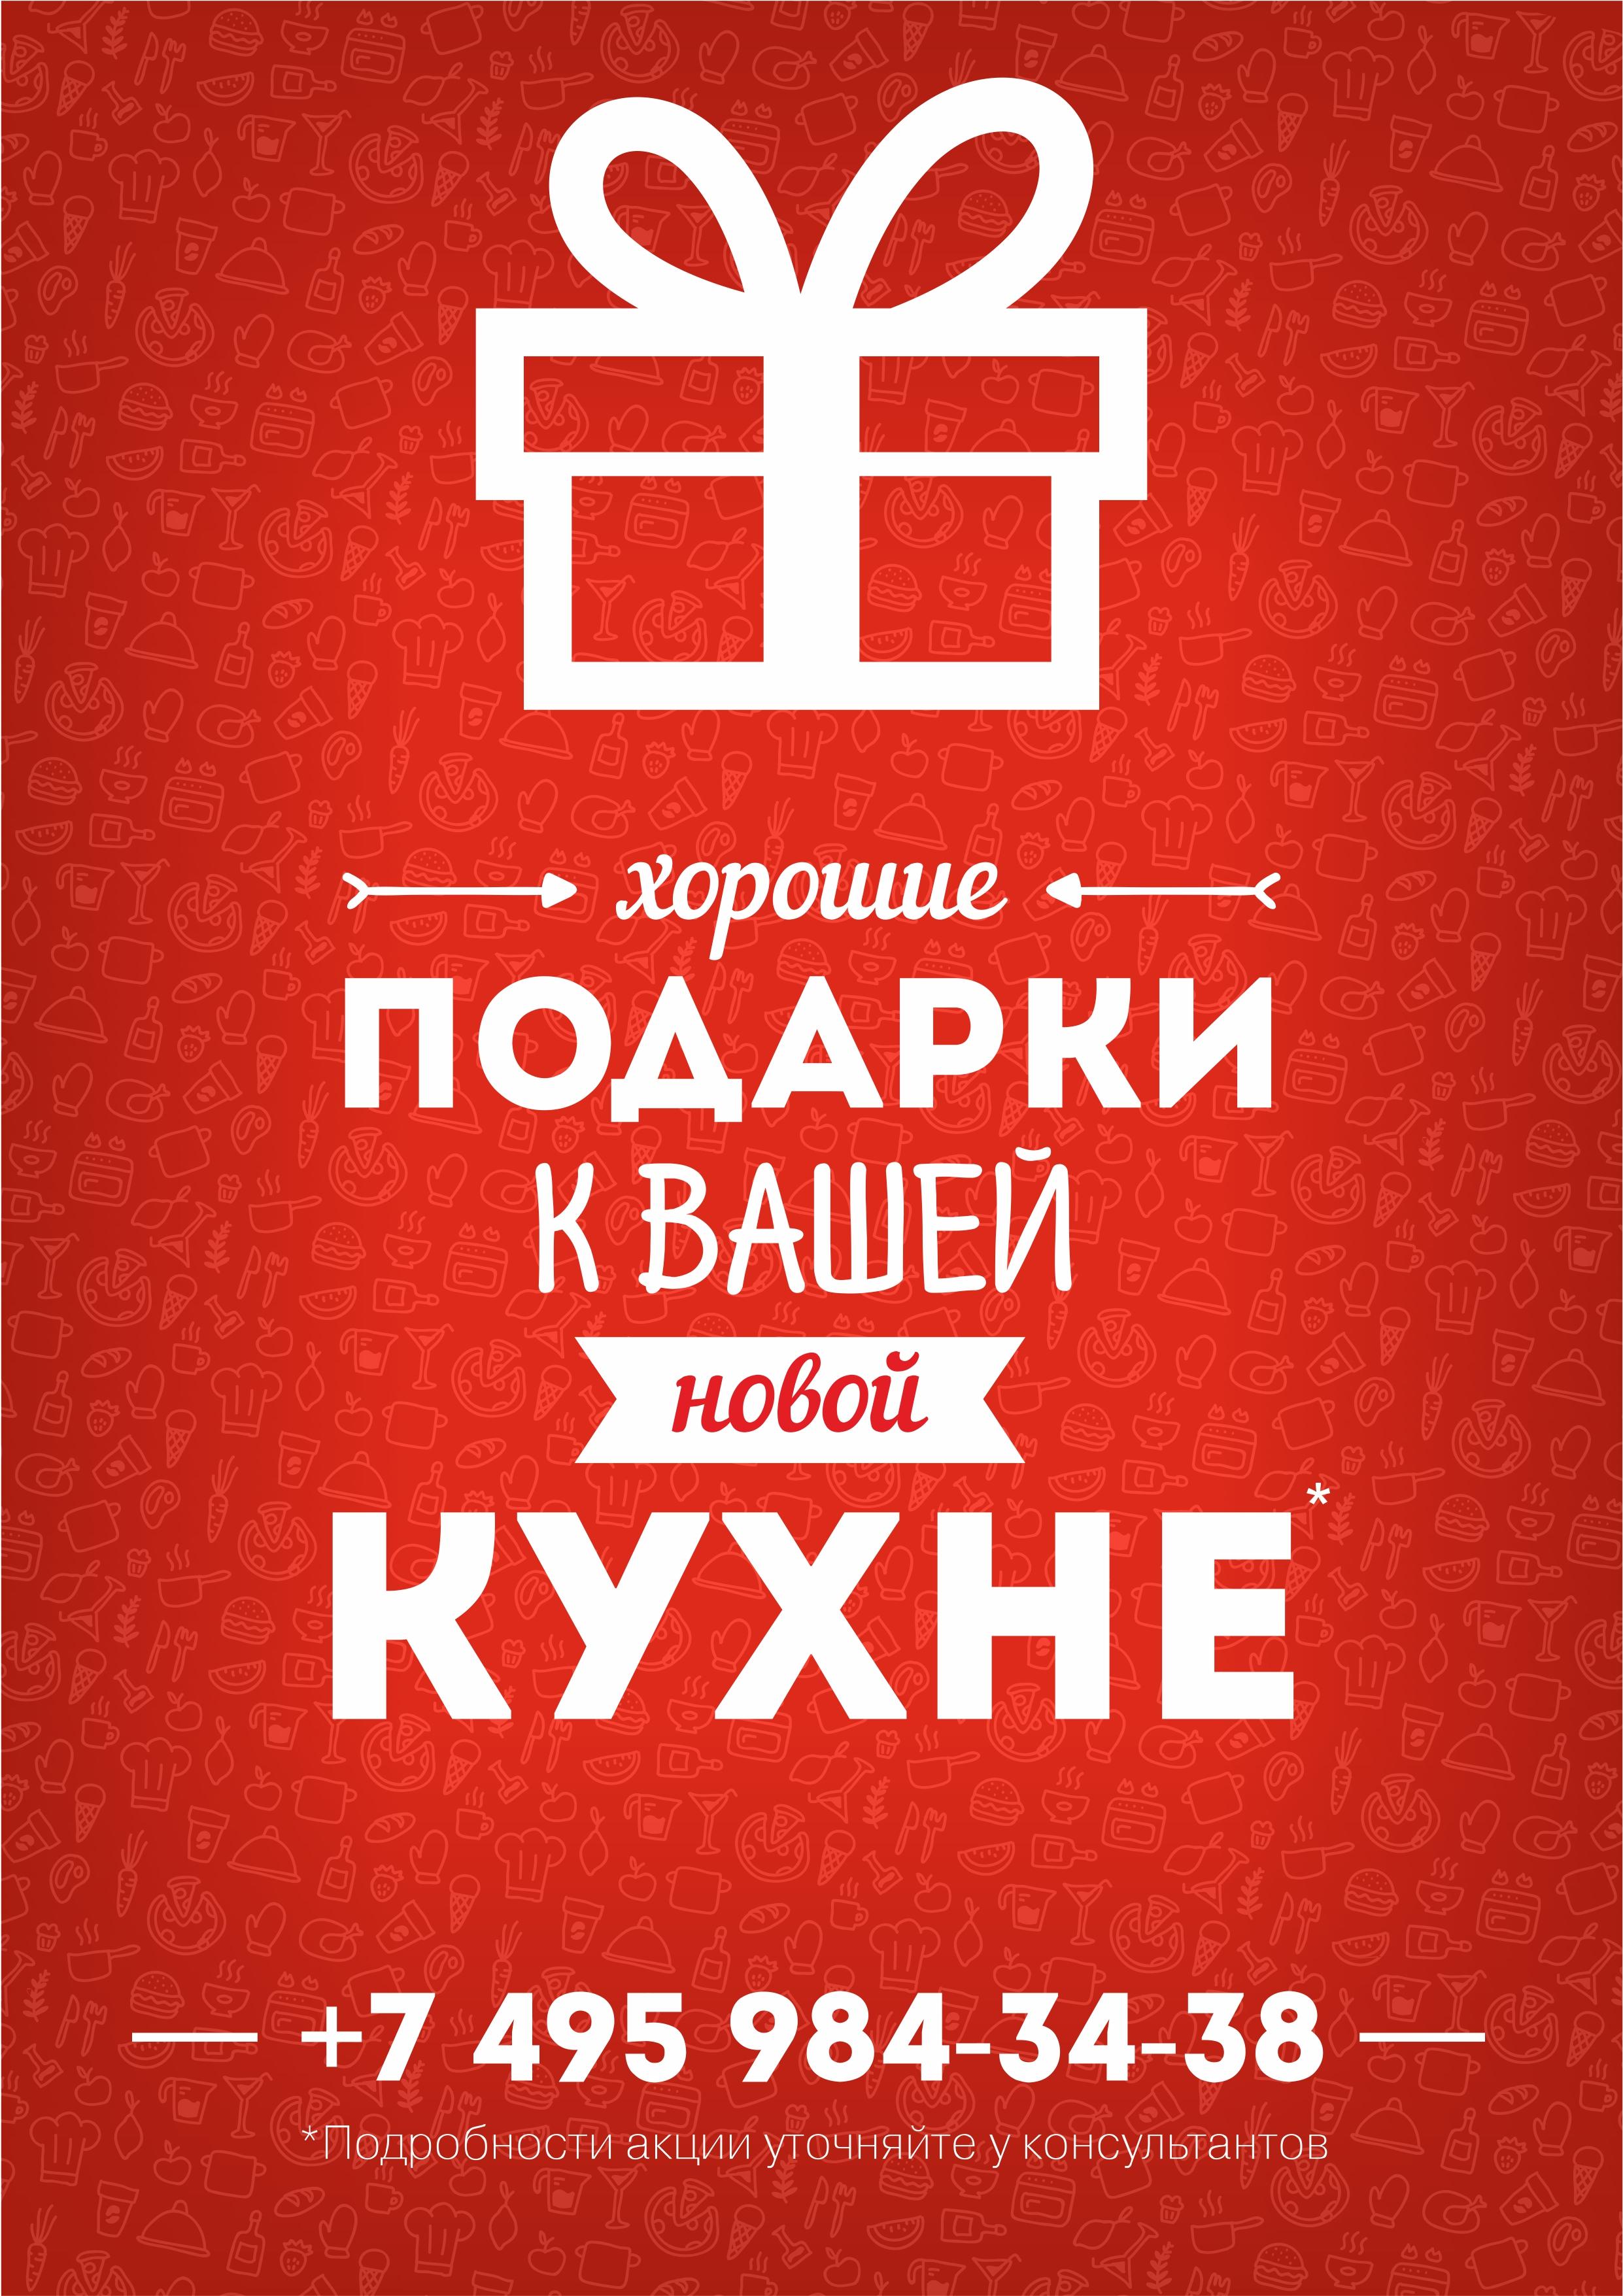 Плаката А4